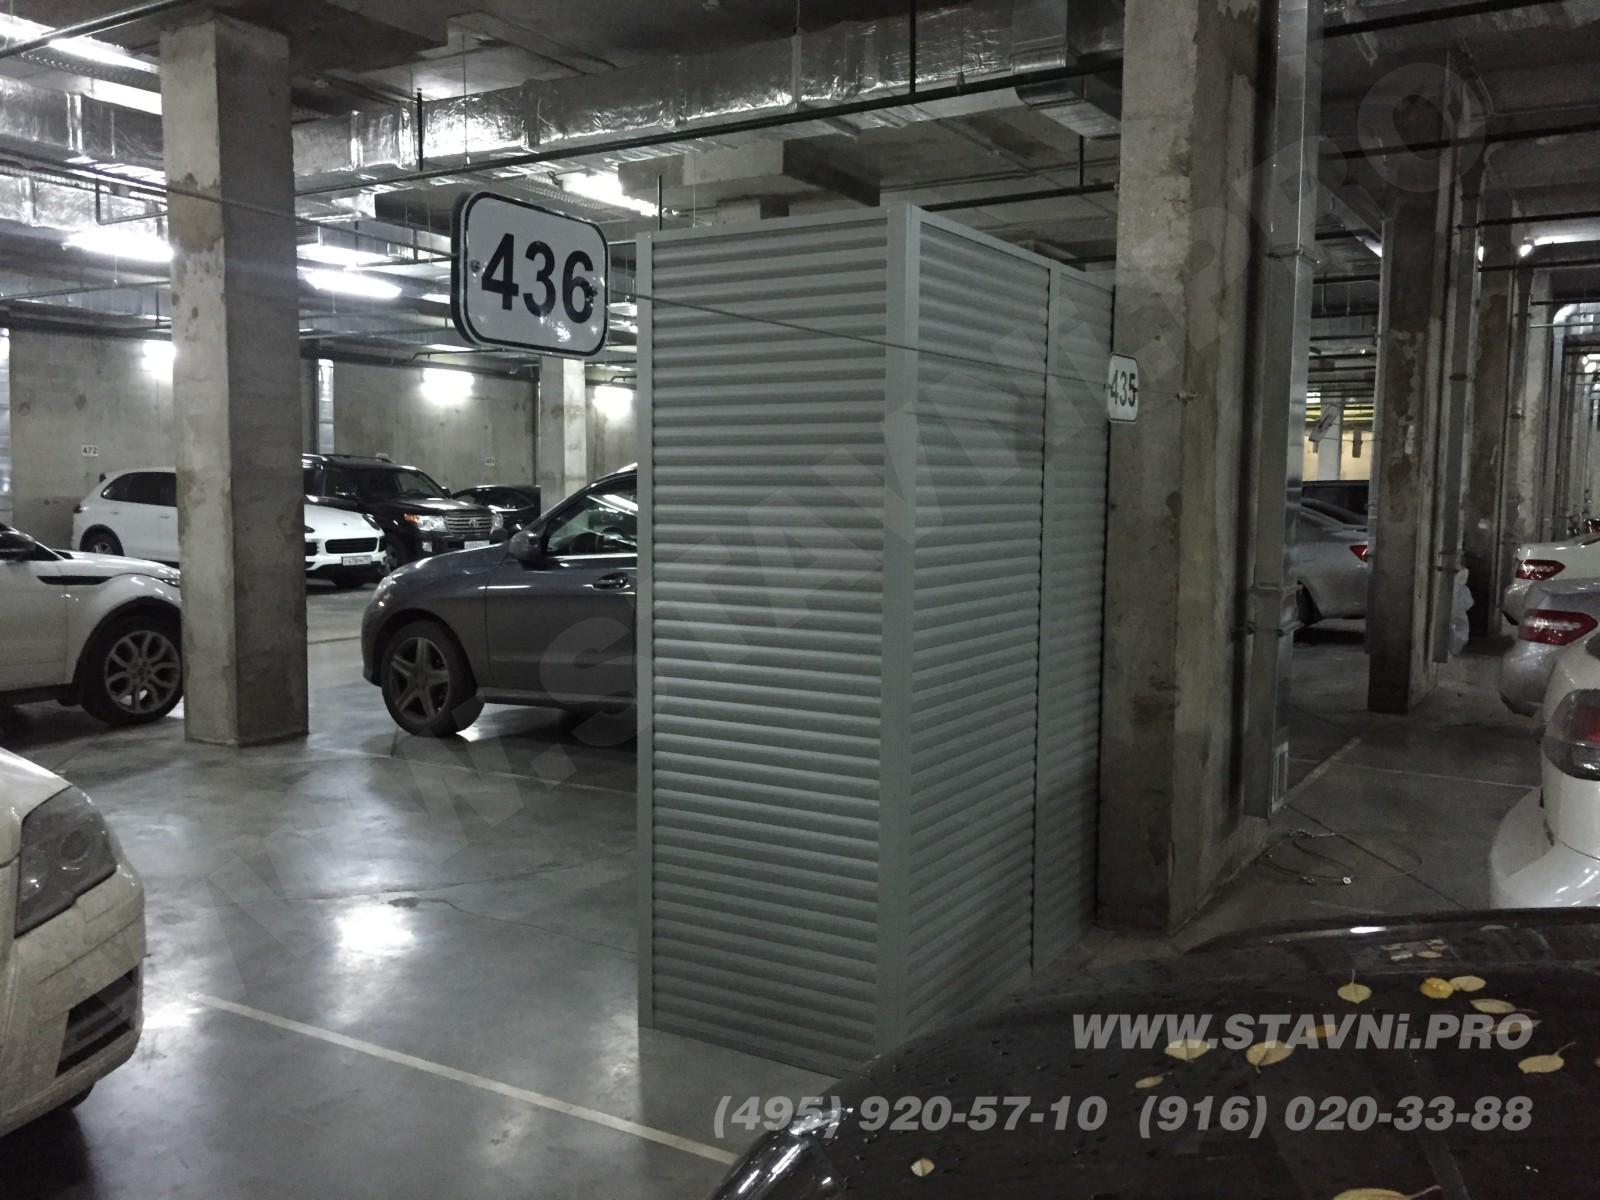 задняя стенка стеллажа в паркинге